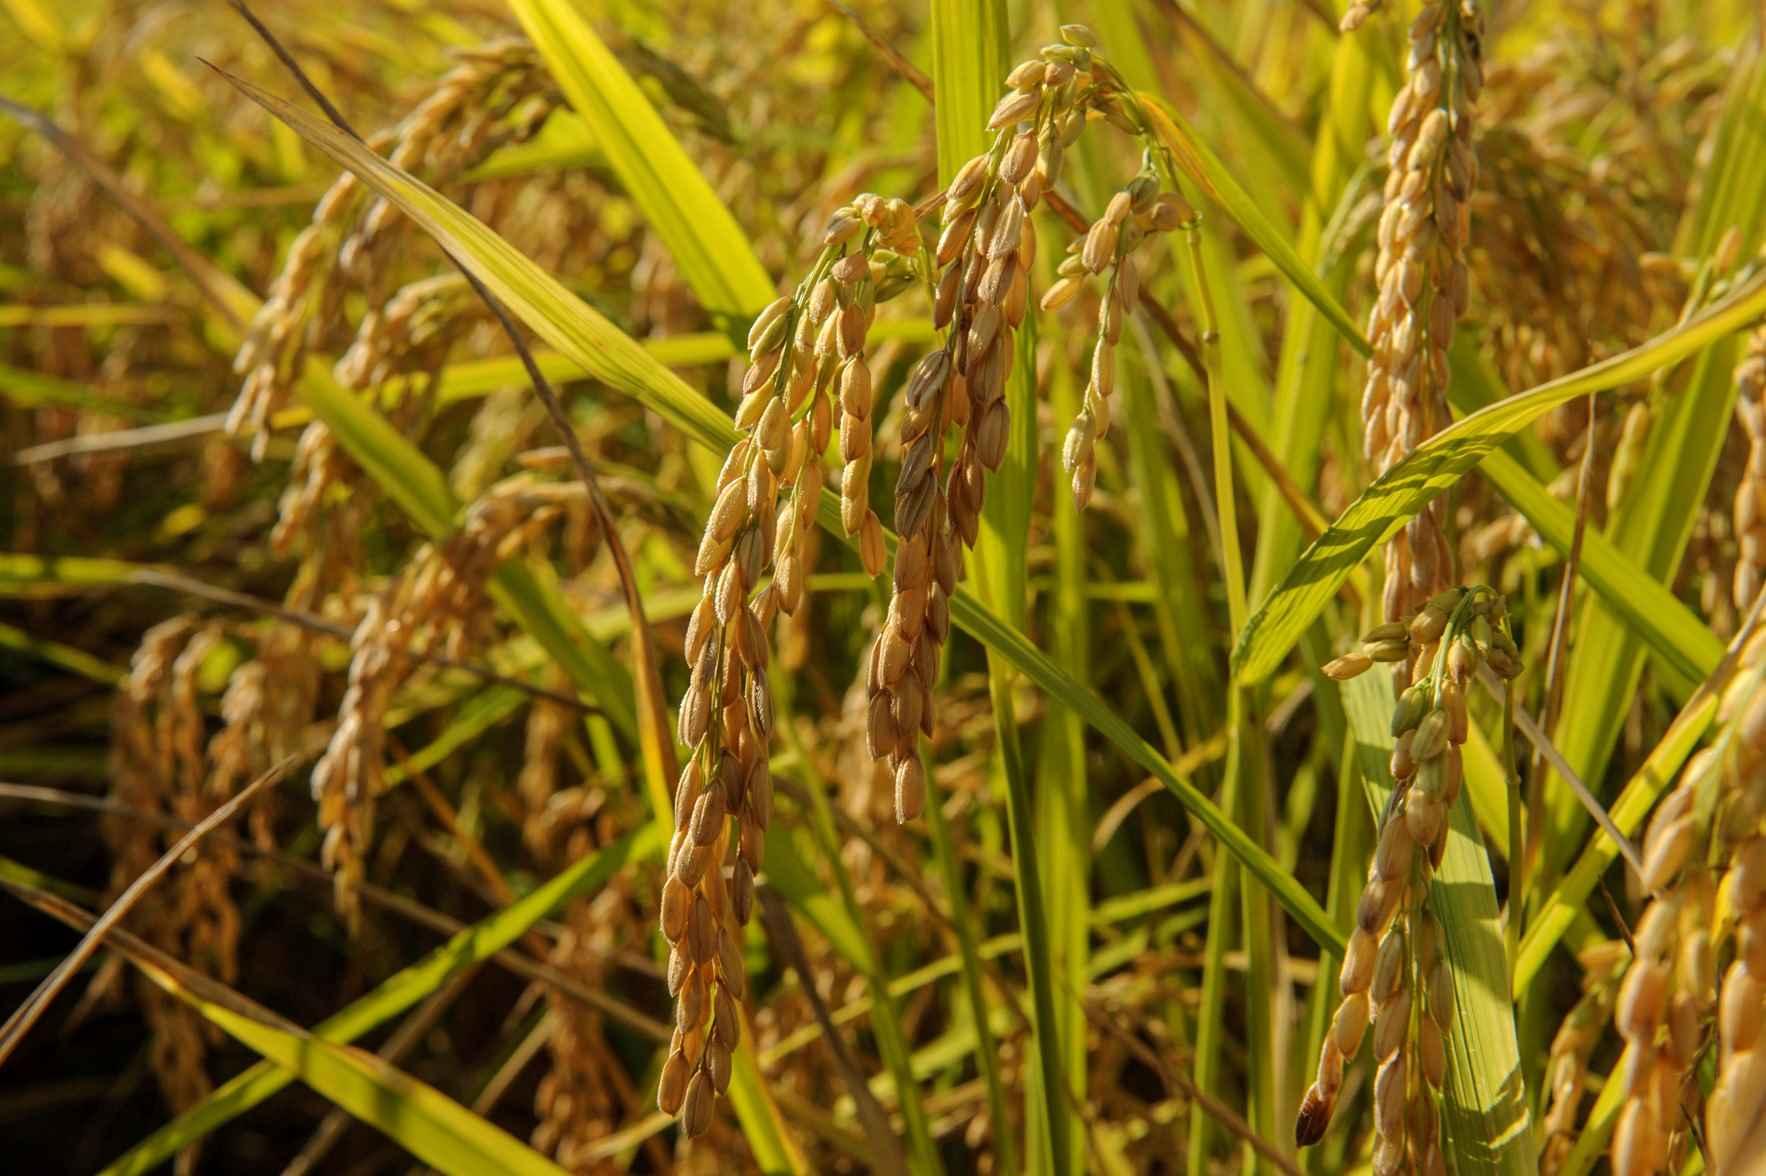 sementi riso barone cl coltivazione spighe